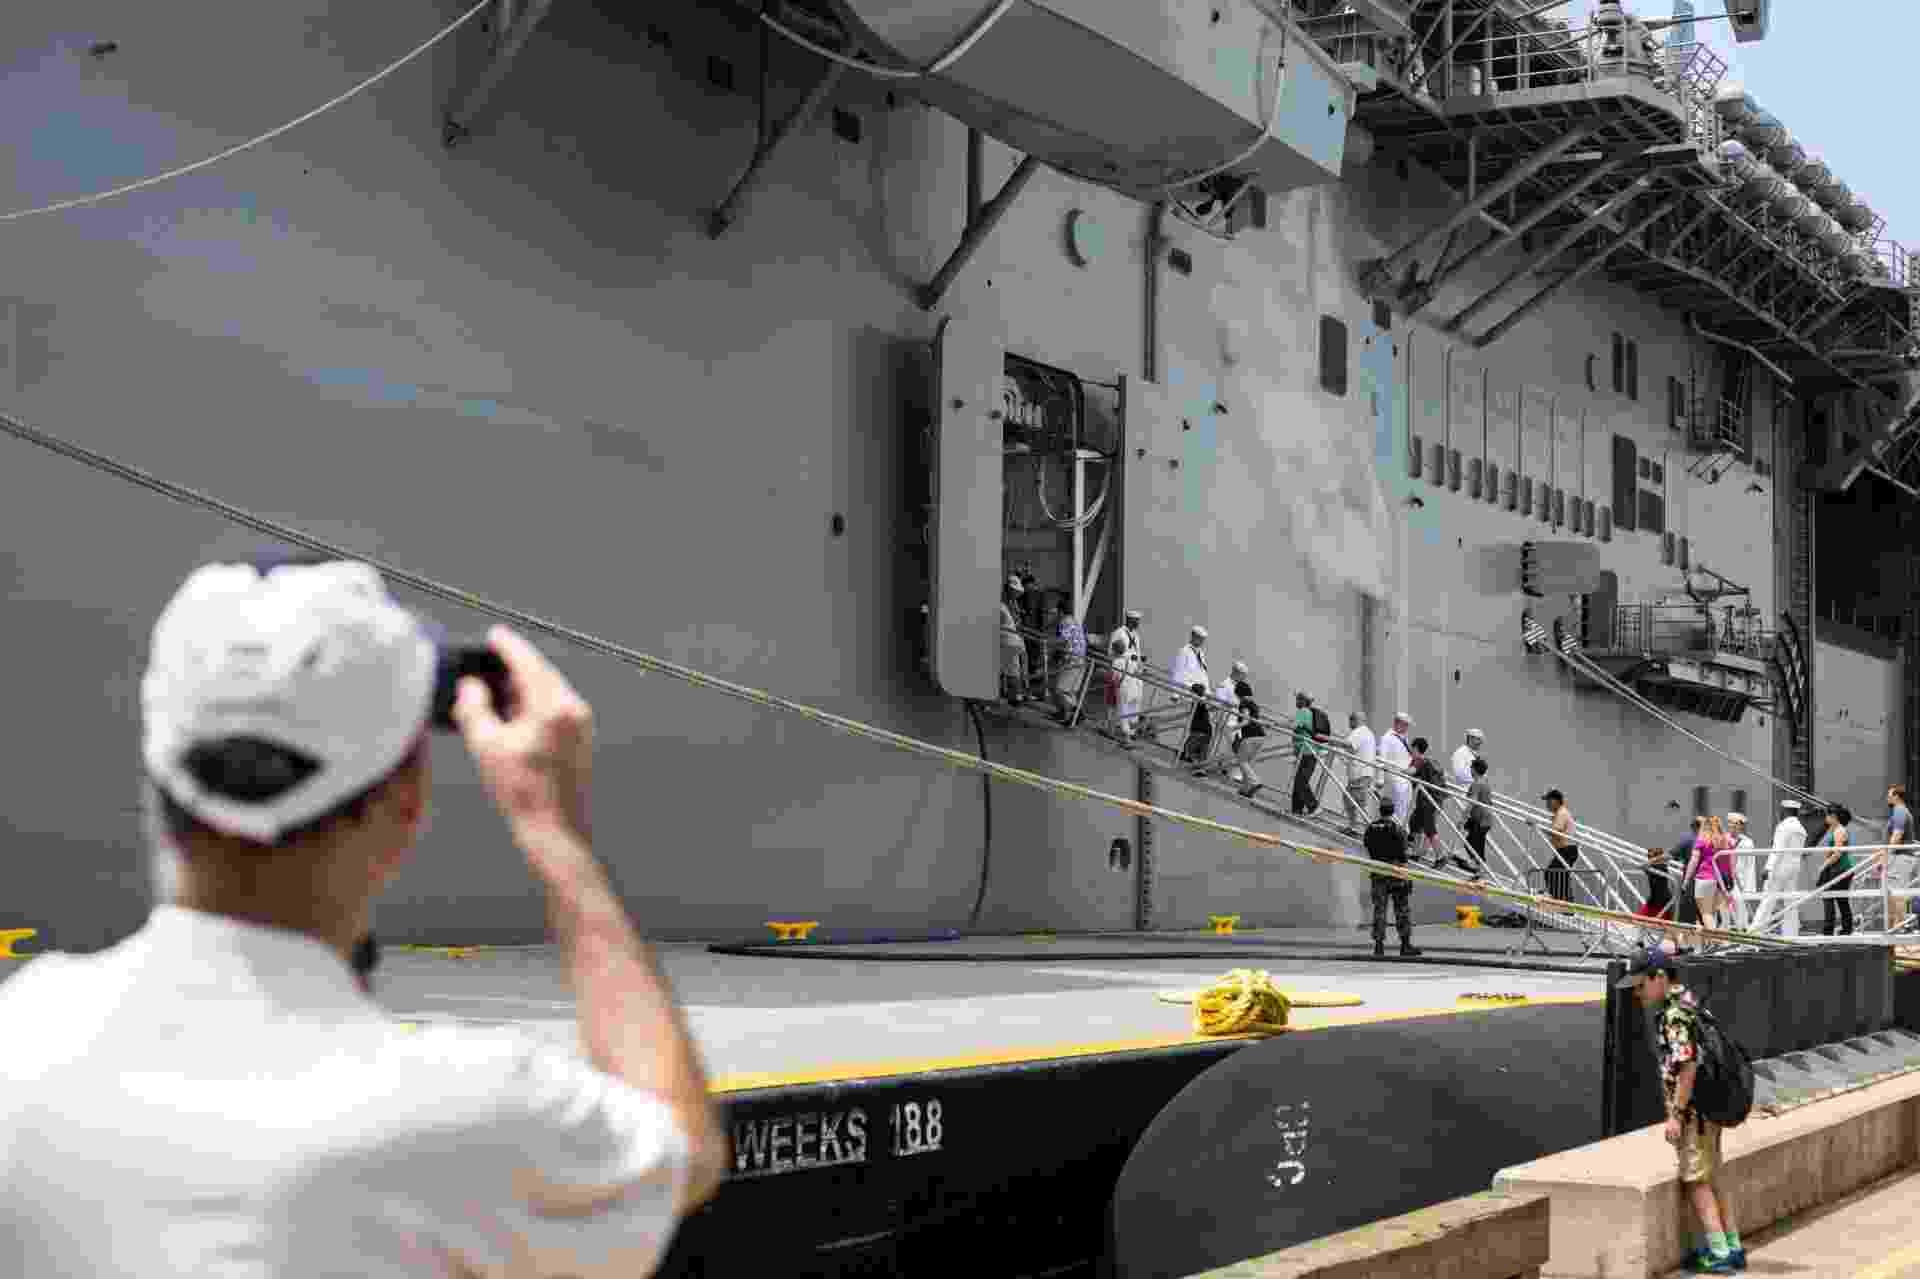 27.mai.2016 - Visitante fotografa o USS Bataan (LHD-5) em porto de Nova York, EUA. Homens e mulheres do serviço das forças armadas dos EUA visitam a cidade de Nova York como parte das comemorações do Memorial Day, feriado norte-americano que homenageia os americanos mortos em combate - Li Muzi/ Xinhua